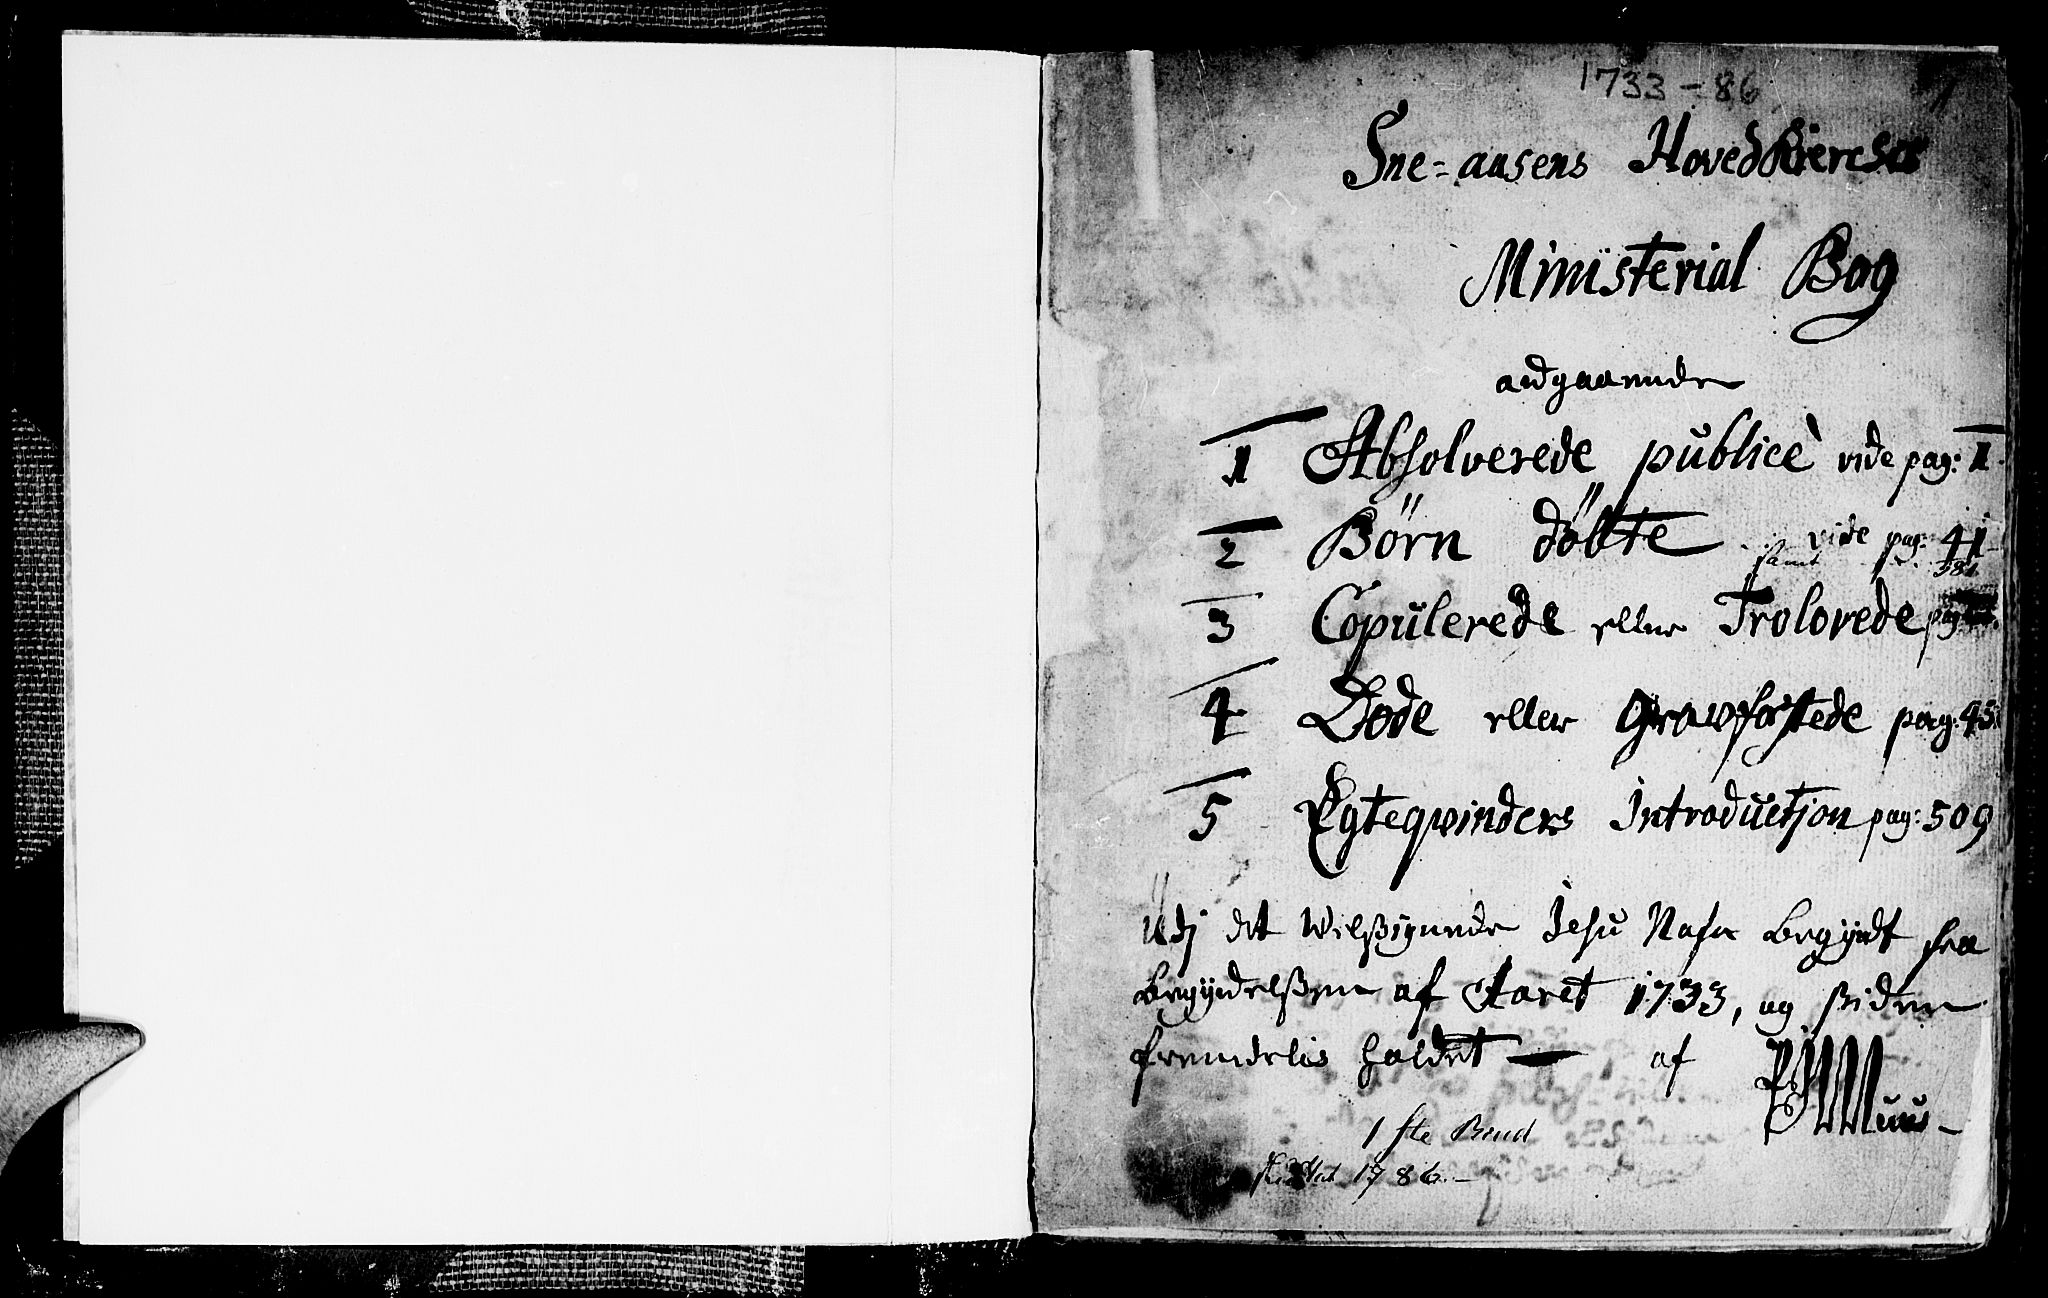 SAT, Ministerialprotokoller, klokkerbøker og fødselsregistre - Nord-Trøndelag, 749/L0467: Ministerialbok nr. 749A01, 1733-1787